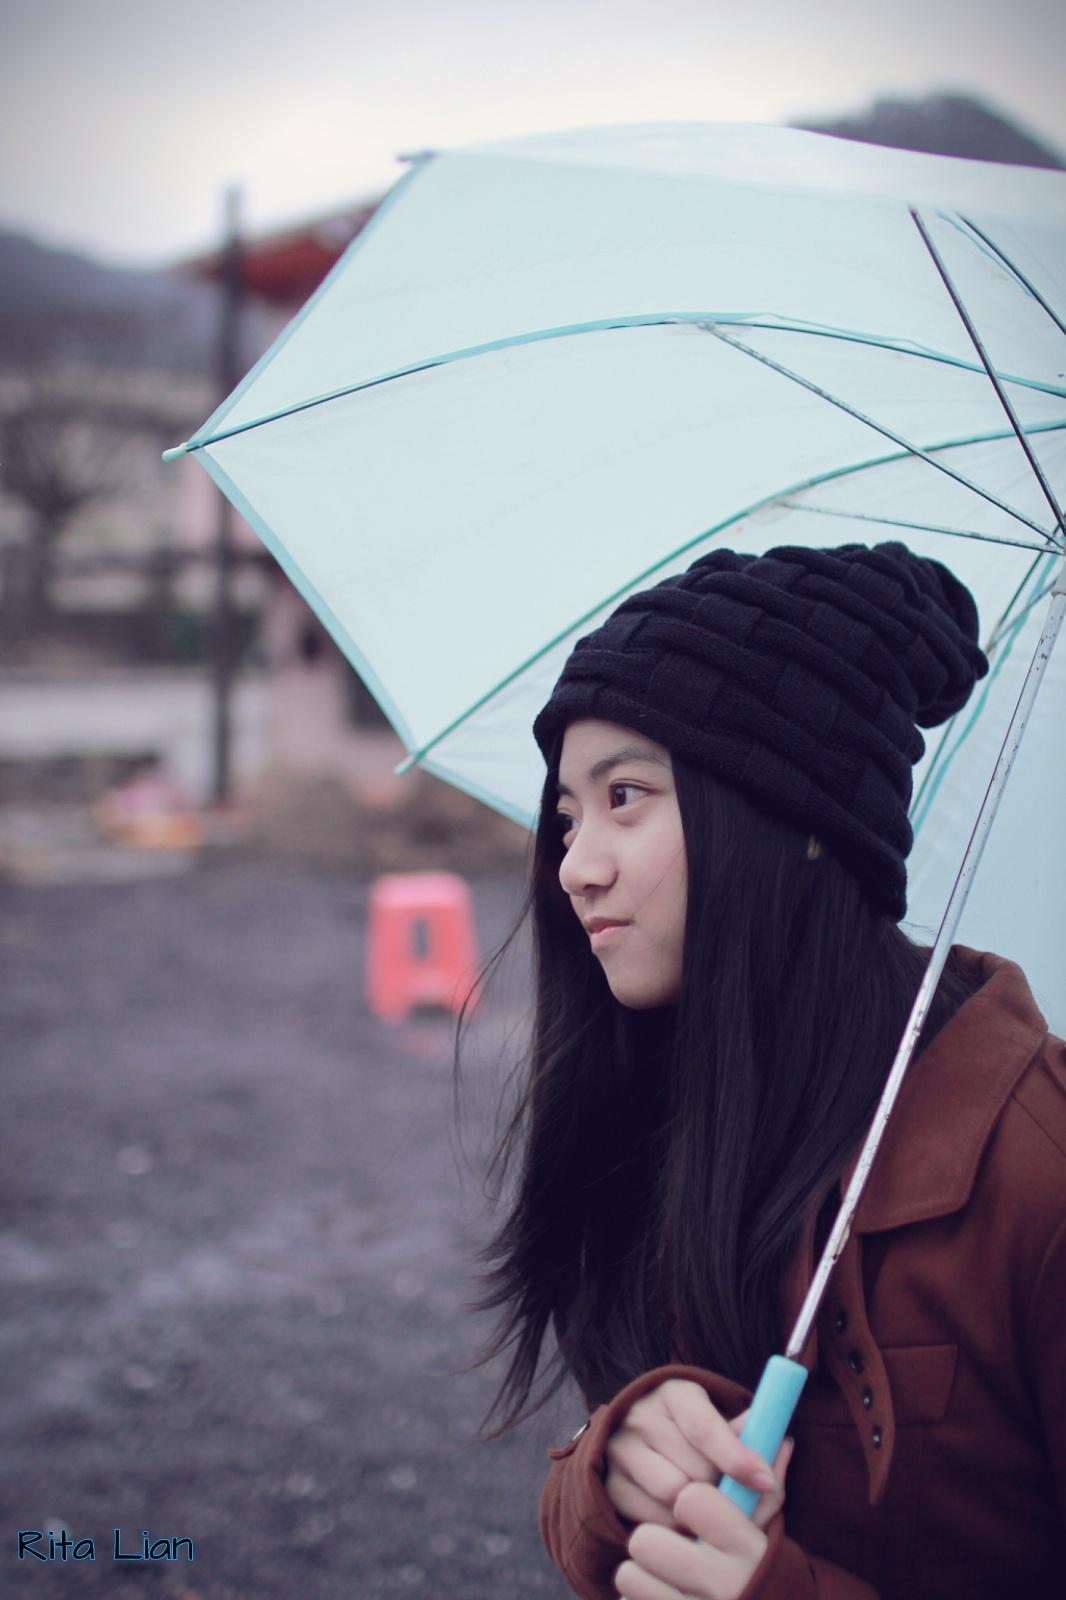 Rita Lian